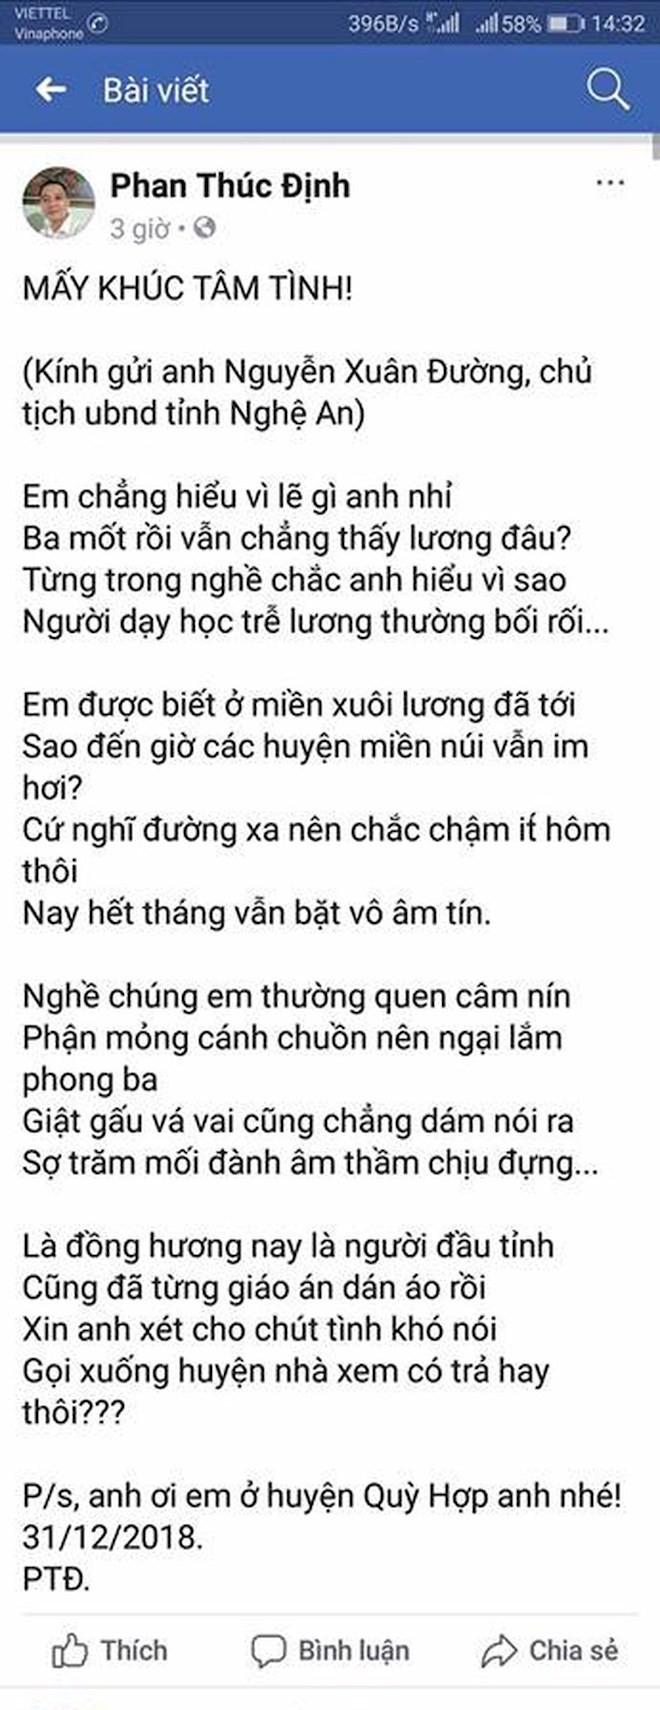 Thầy giáo làm thơ gửi Chủ tịch tỉnh Nghệ An vì bị chậm lương gây xôn xao - Ảnh 1.